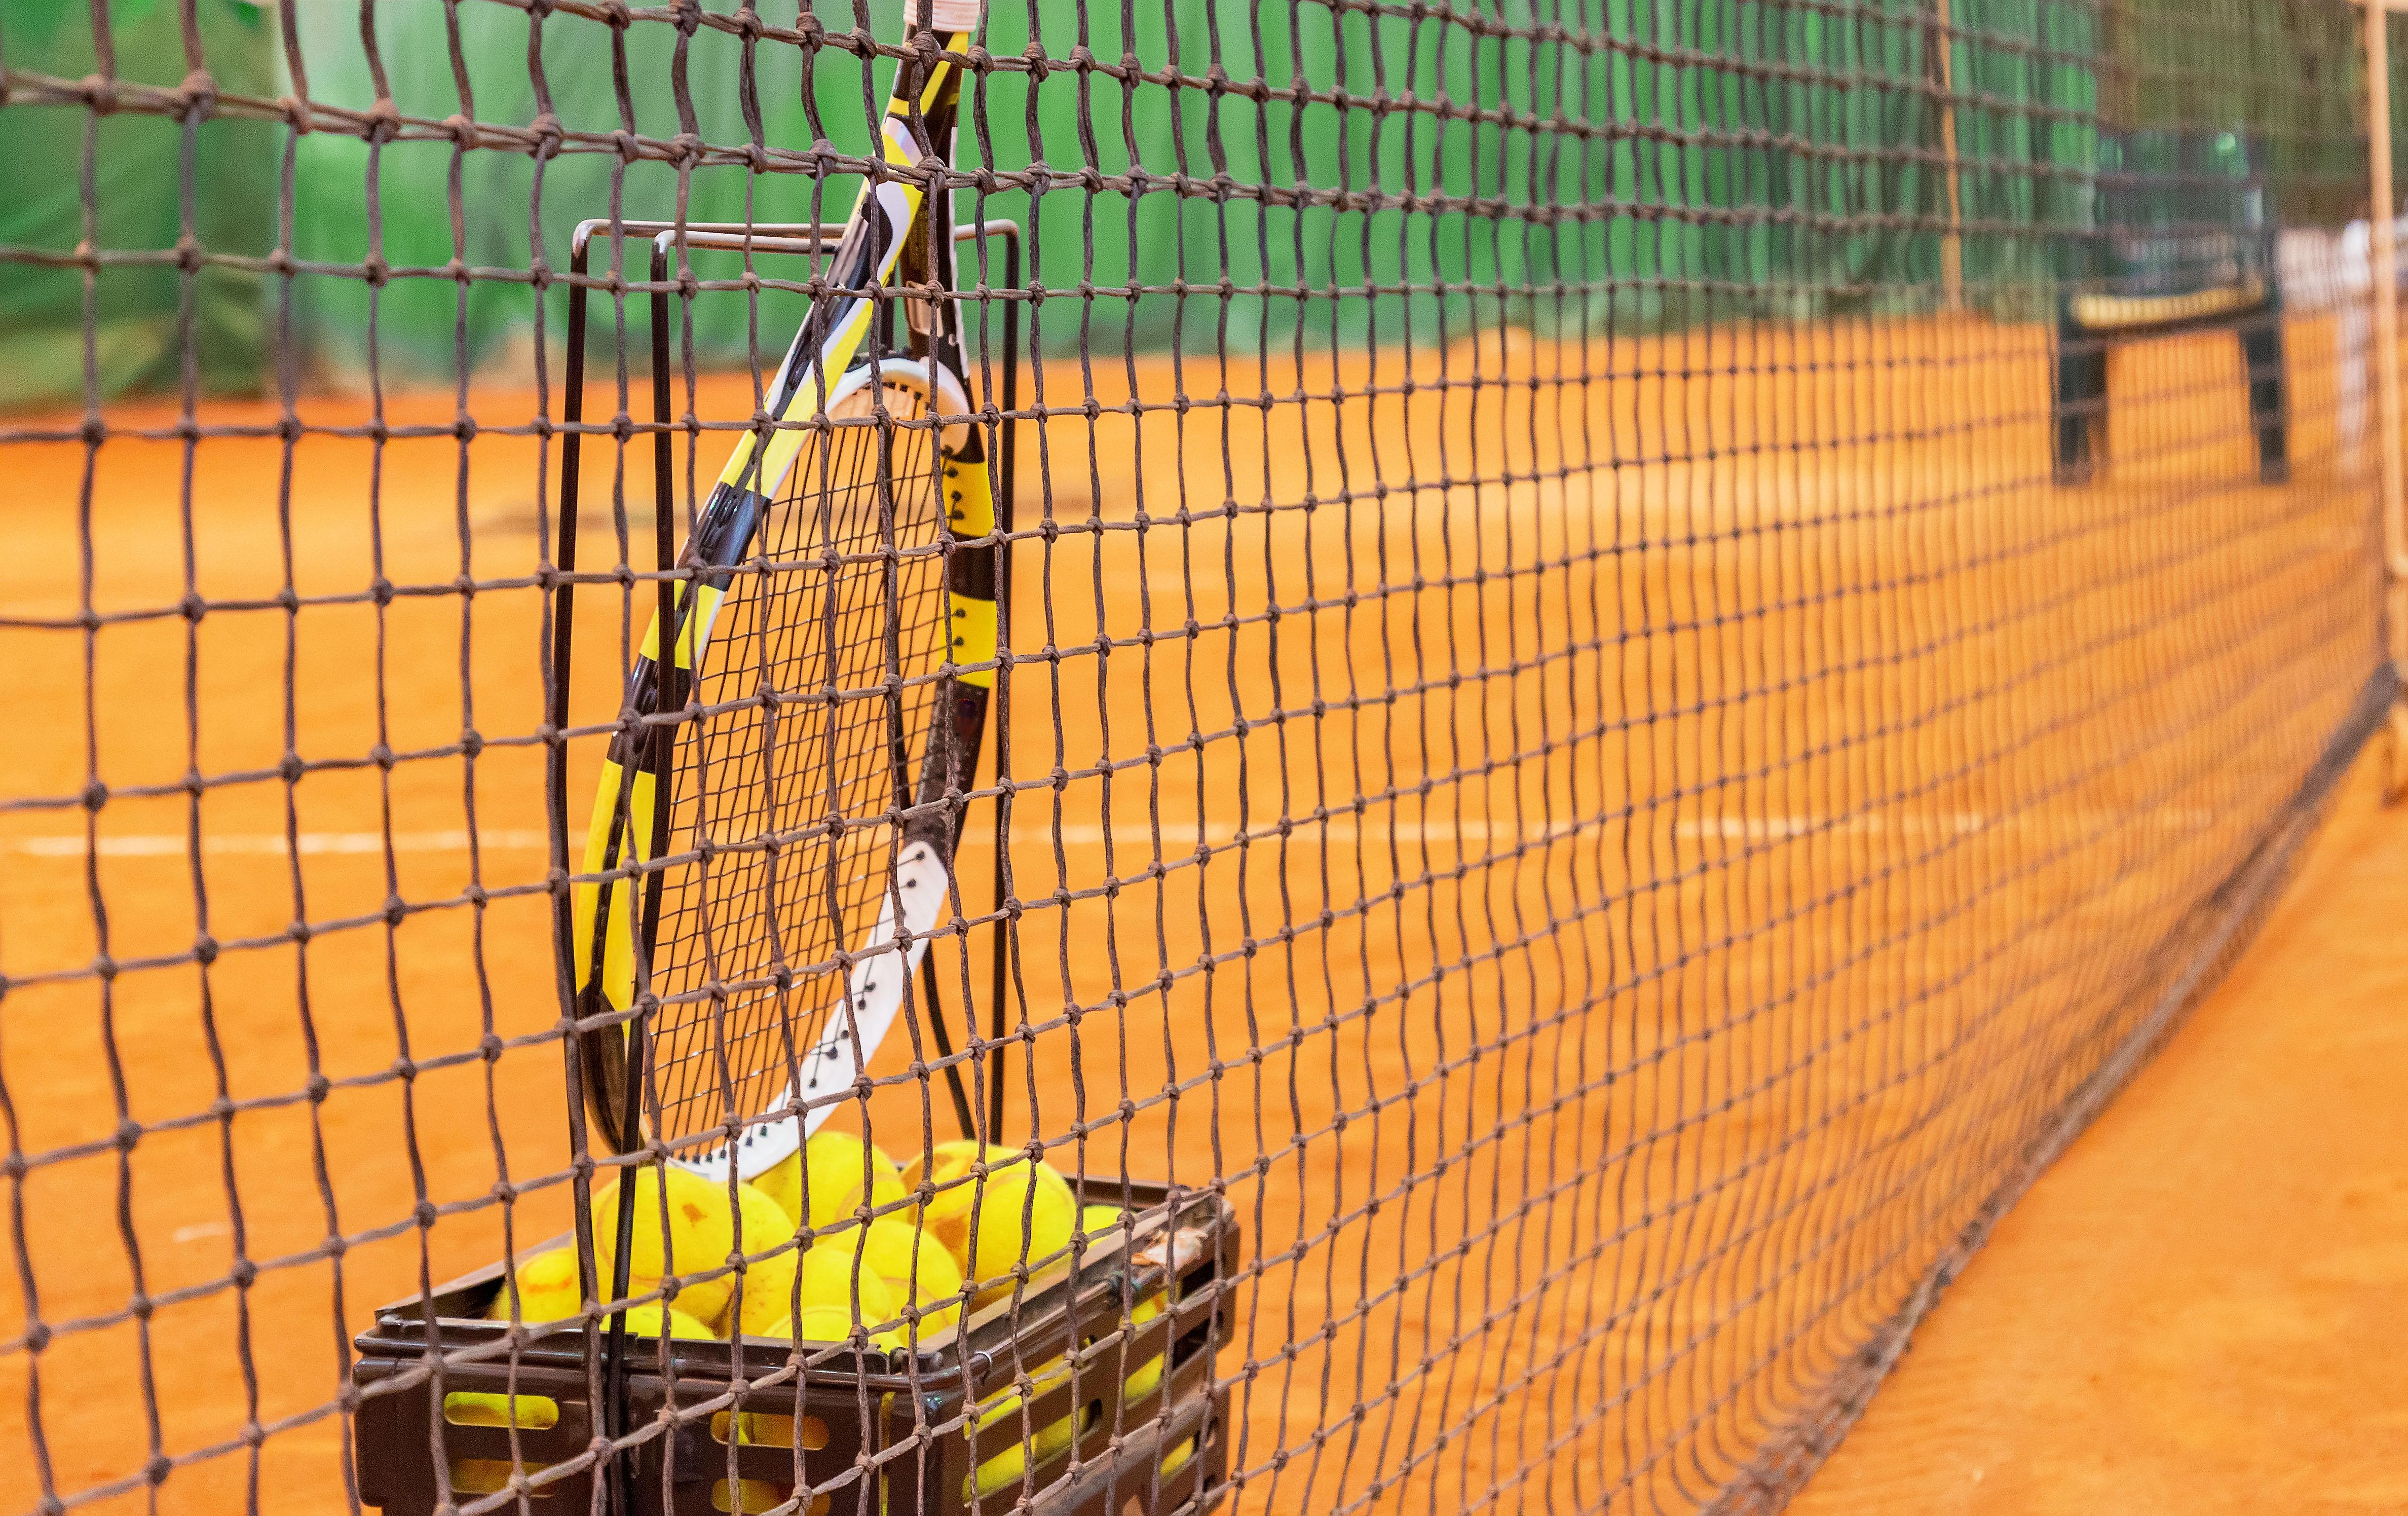 Теннисные корты: Обновление покрытия